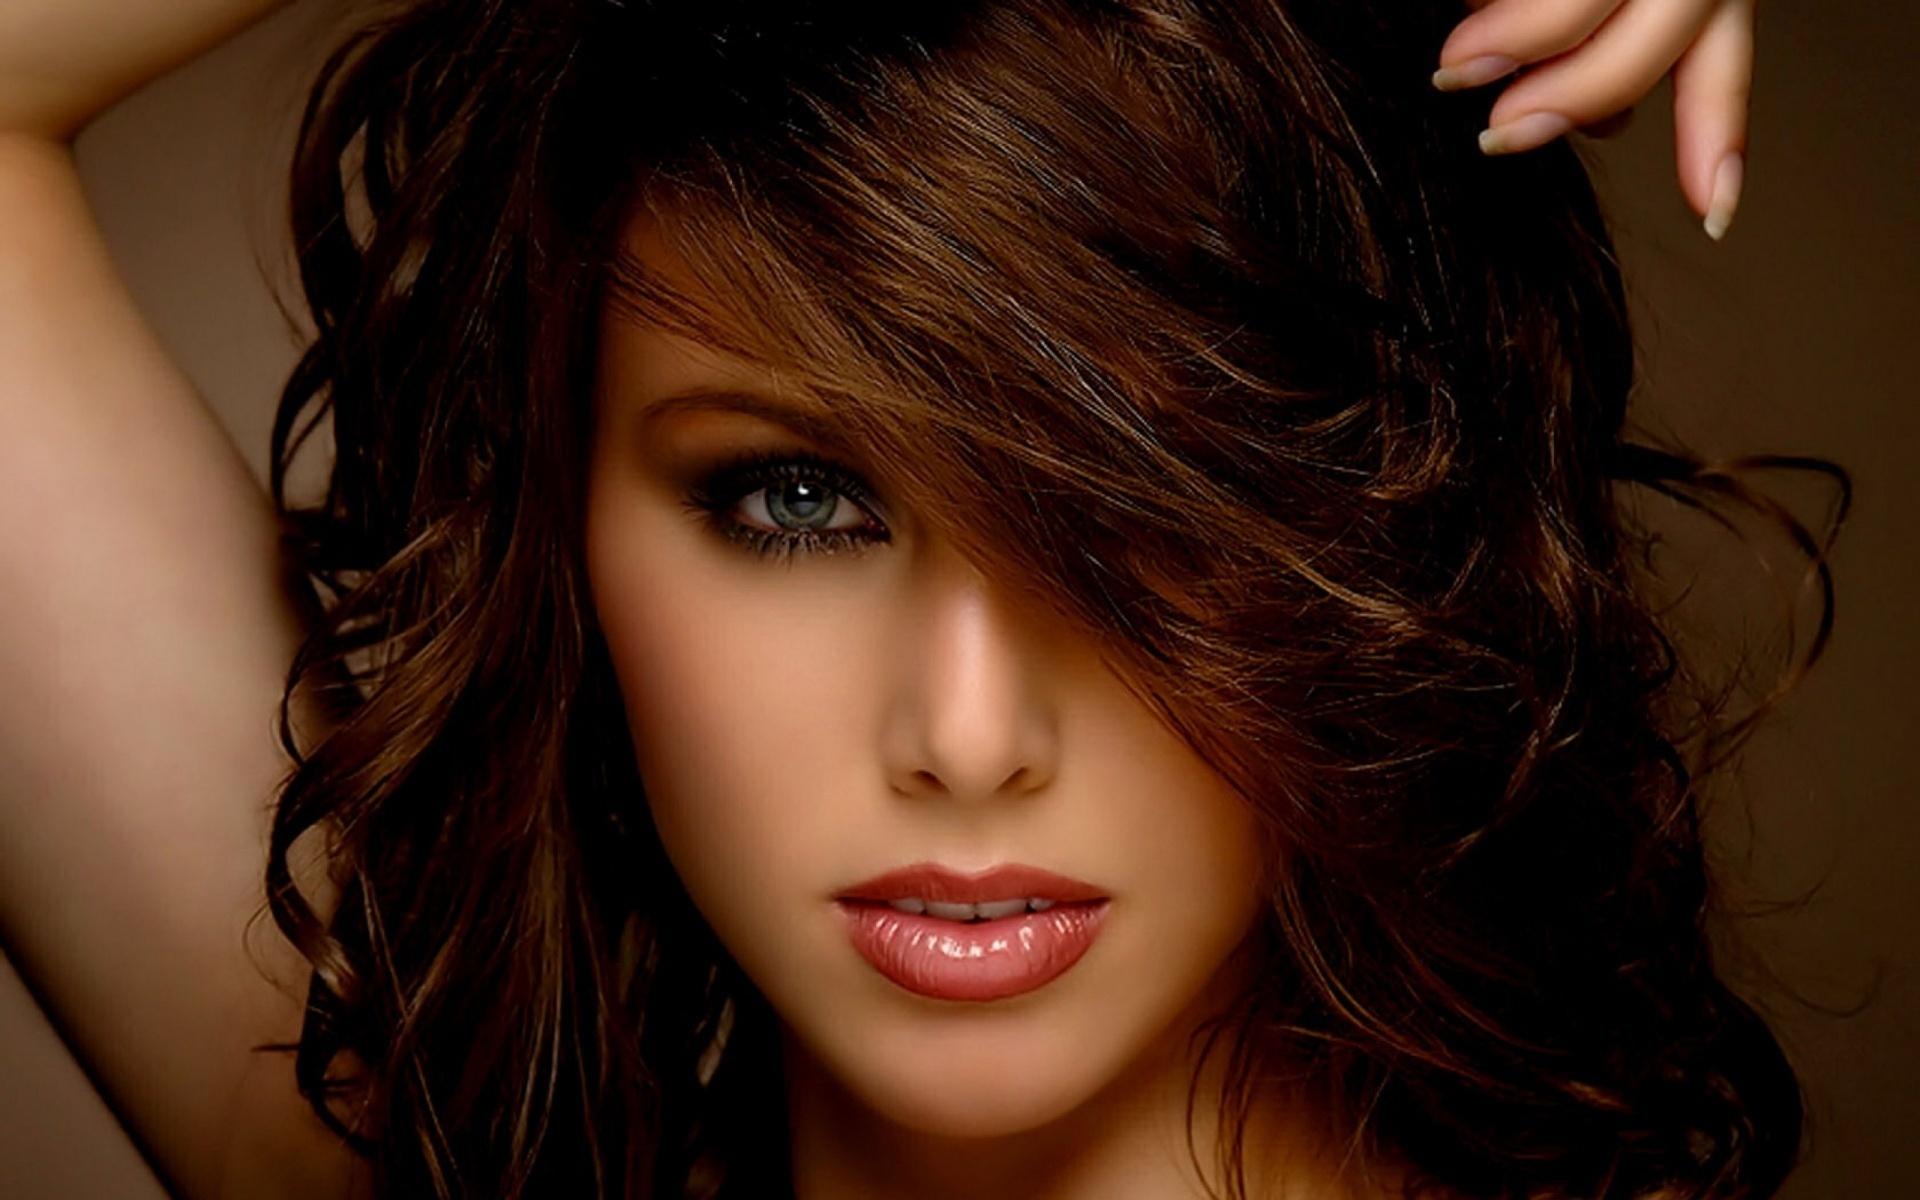 Фото девушек с красивыми мелированными волосами 23 фотография